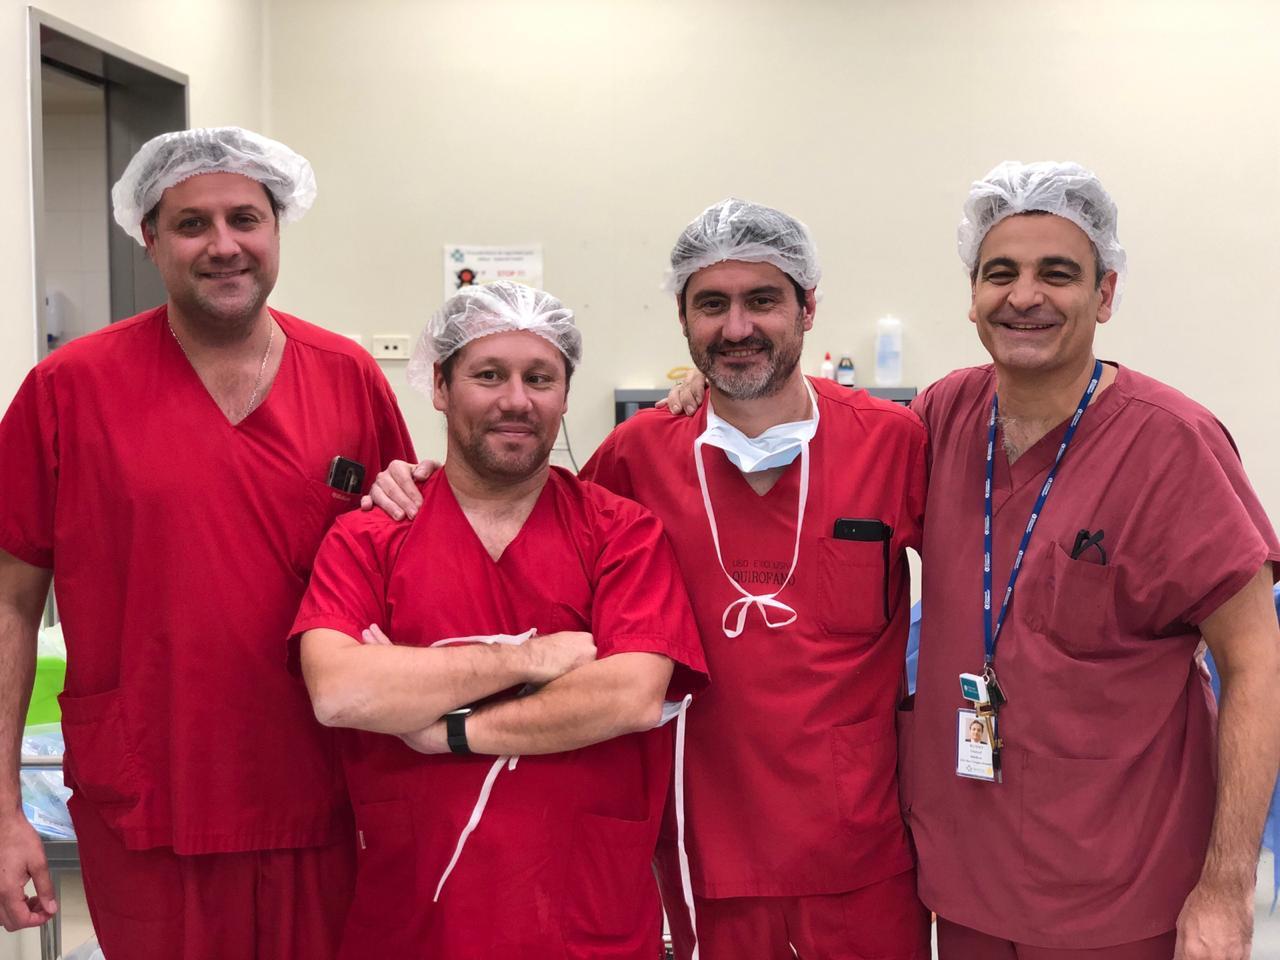 El equipo médico que hizo la primera fetoscopía de espina bífida en el país: (de izquierda a derecha) Fernando Palma, Adolfo Etchegaray, José Luis Peiró (Hospital de Niños de Cincinnati, EE.UU.) y Daniel Russo